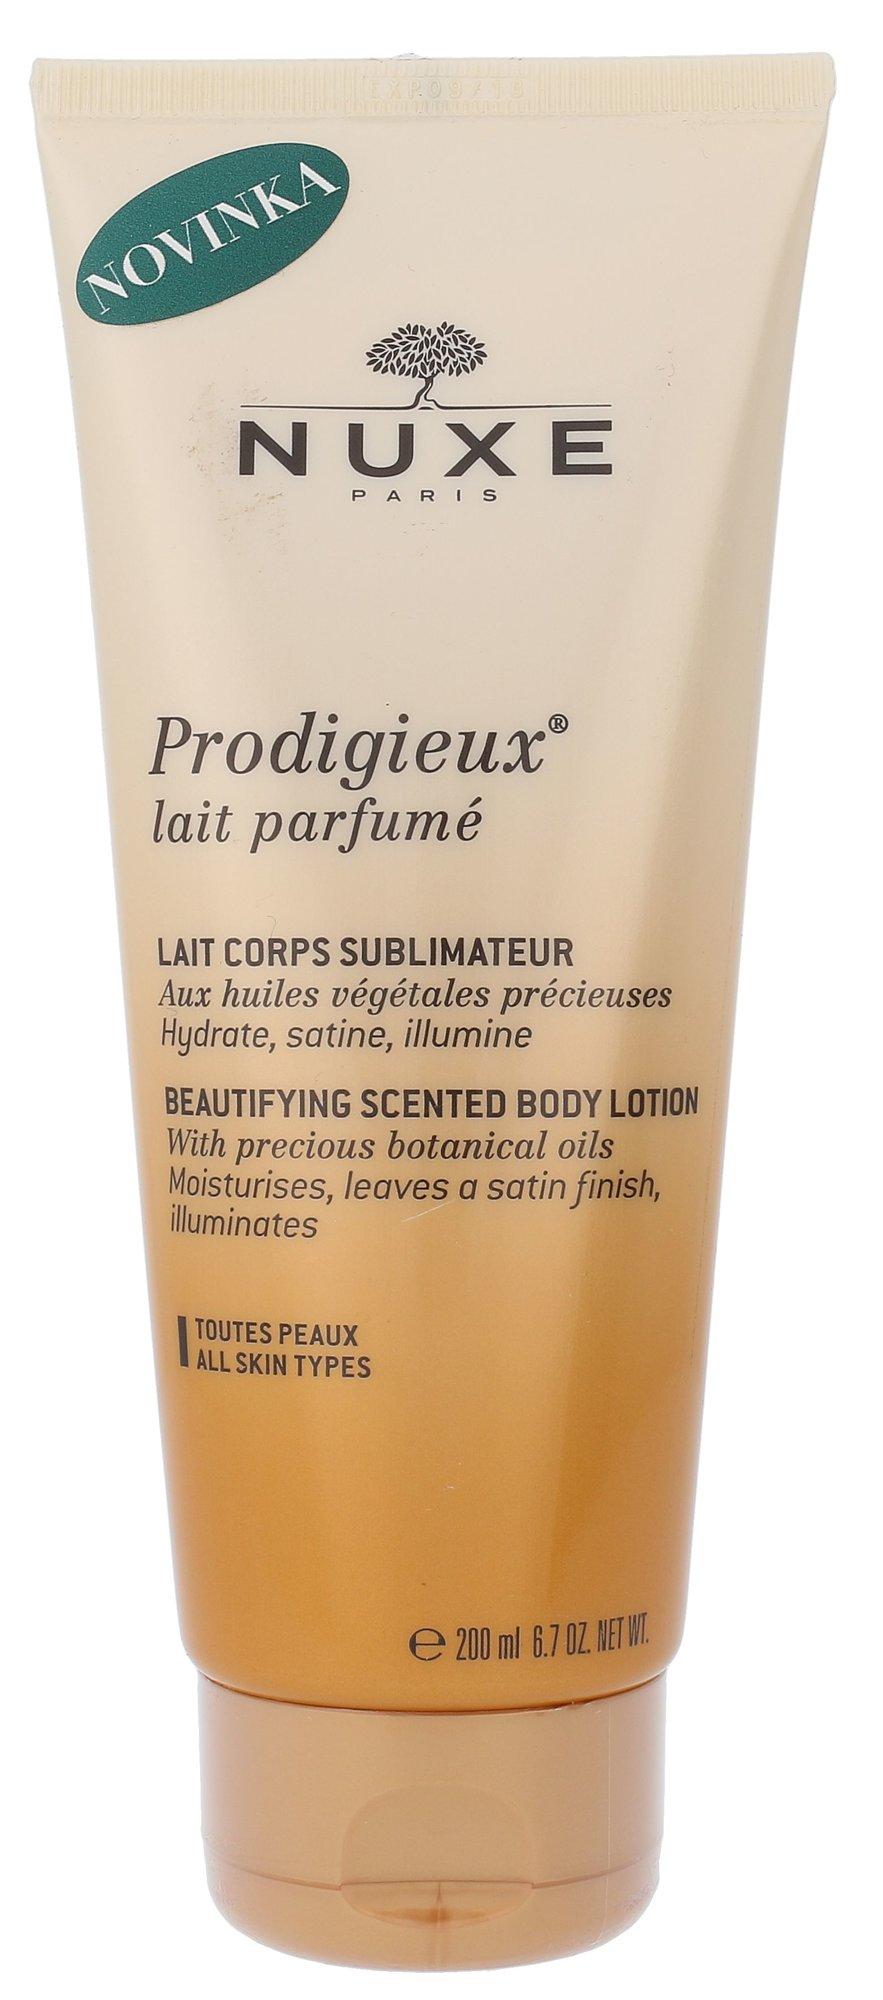 NUXE Prodigieux Cosmetic 200ml